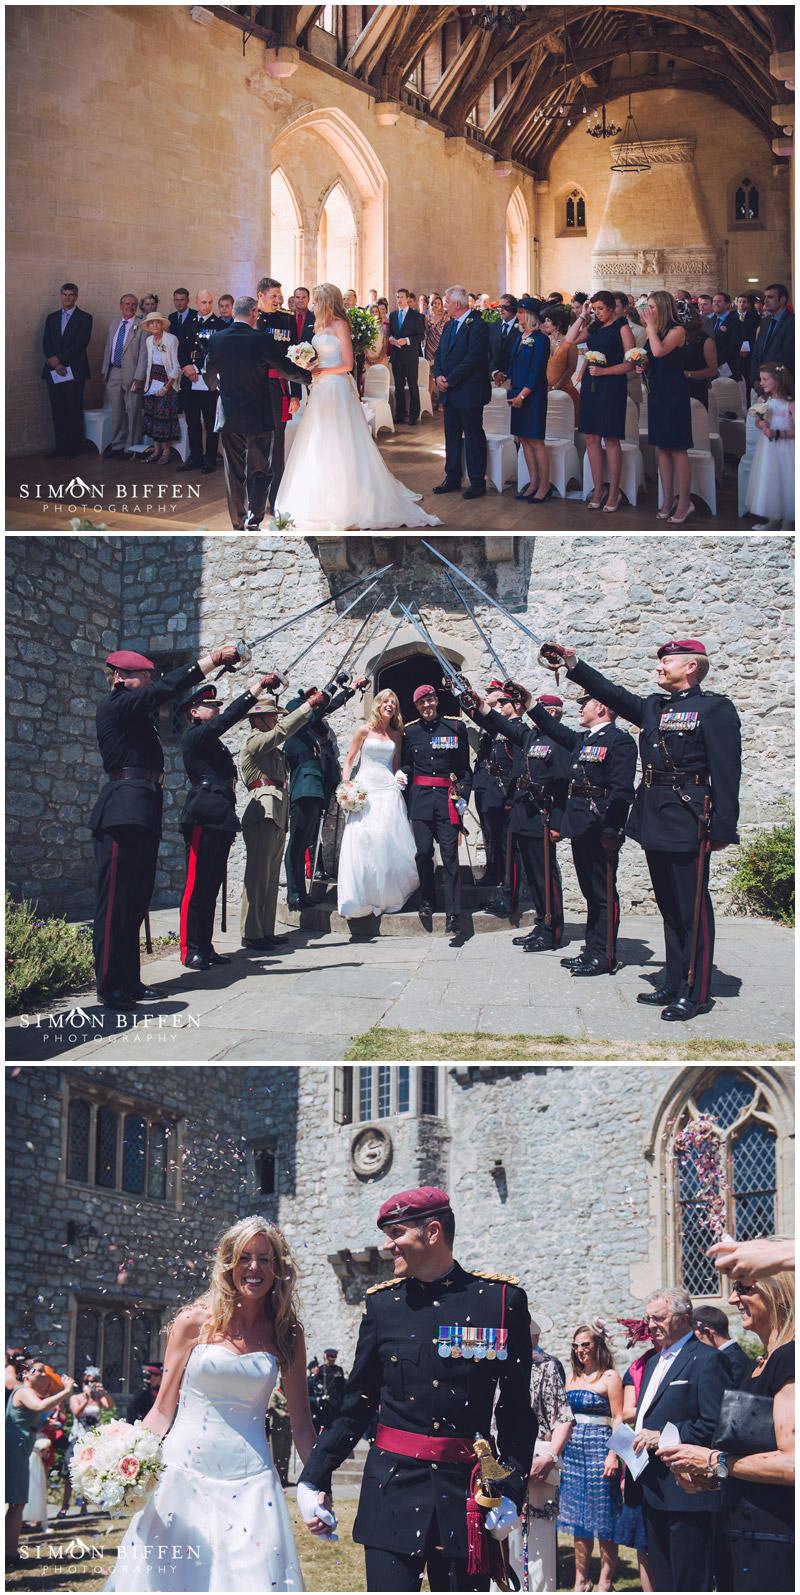 St Donat's Castle Wedding ceremony